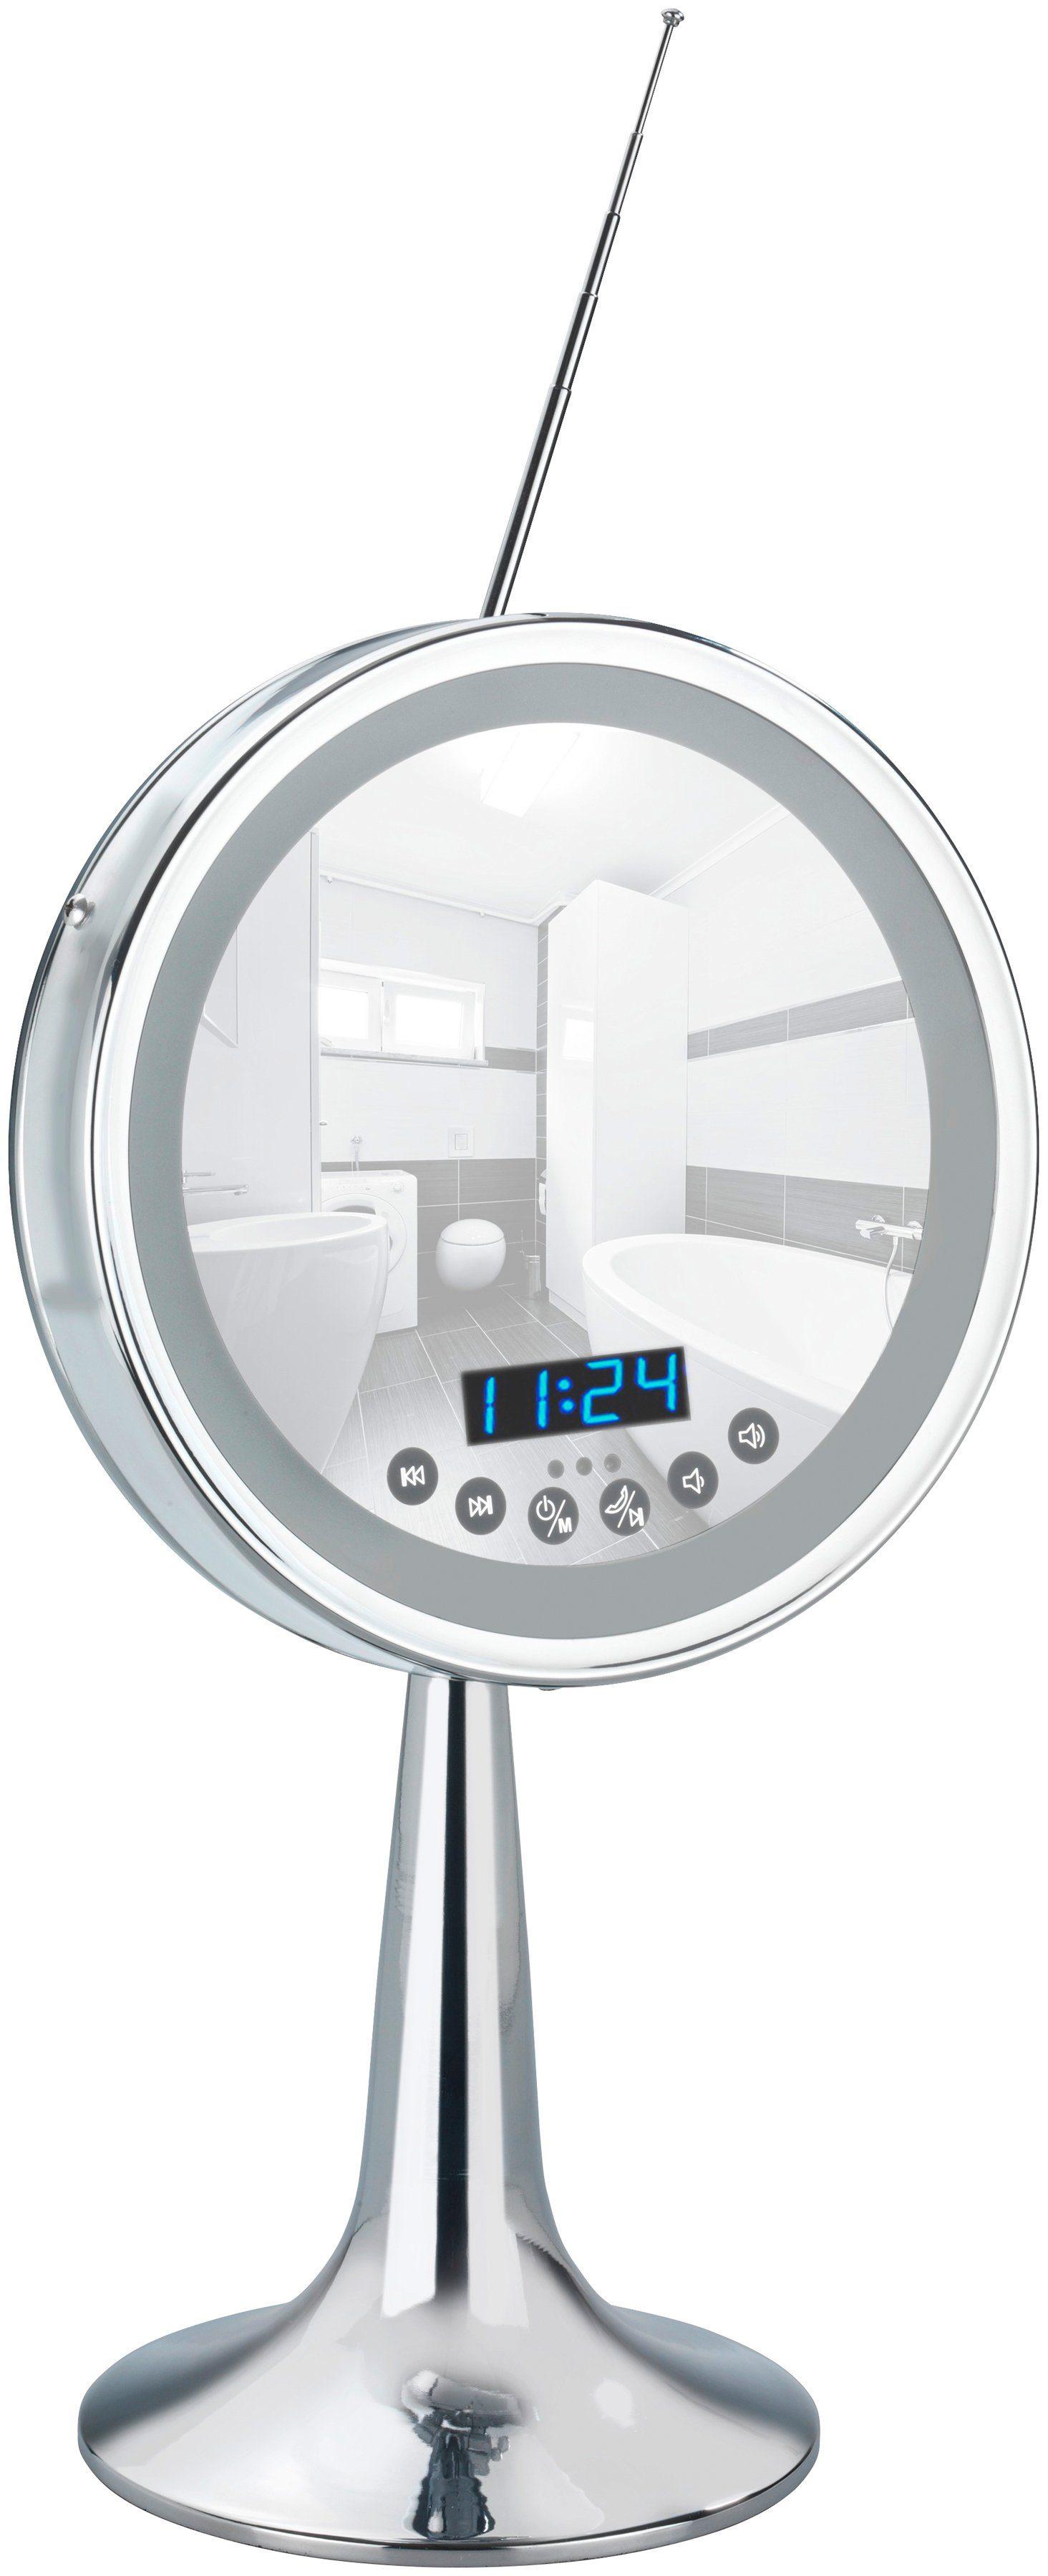 WENKO Standspiegel »Imperial«, LED, 3-fach Vergrößerung, Bluetooth, USB-Port + Mikrofon